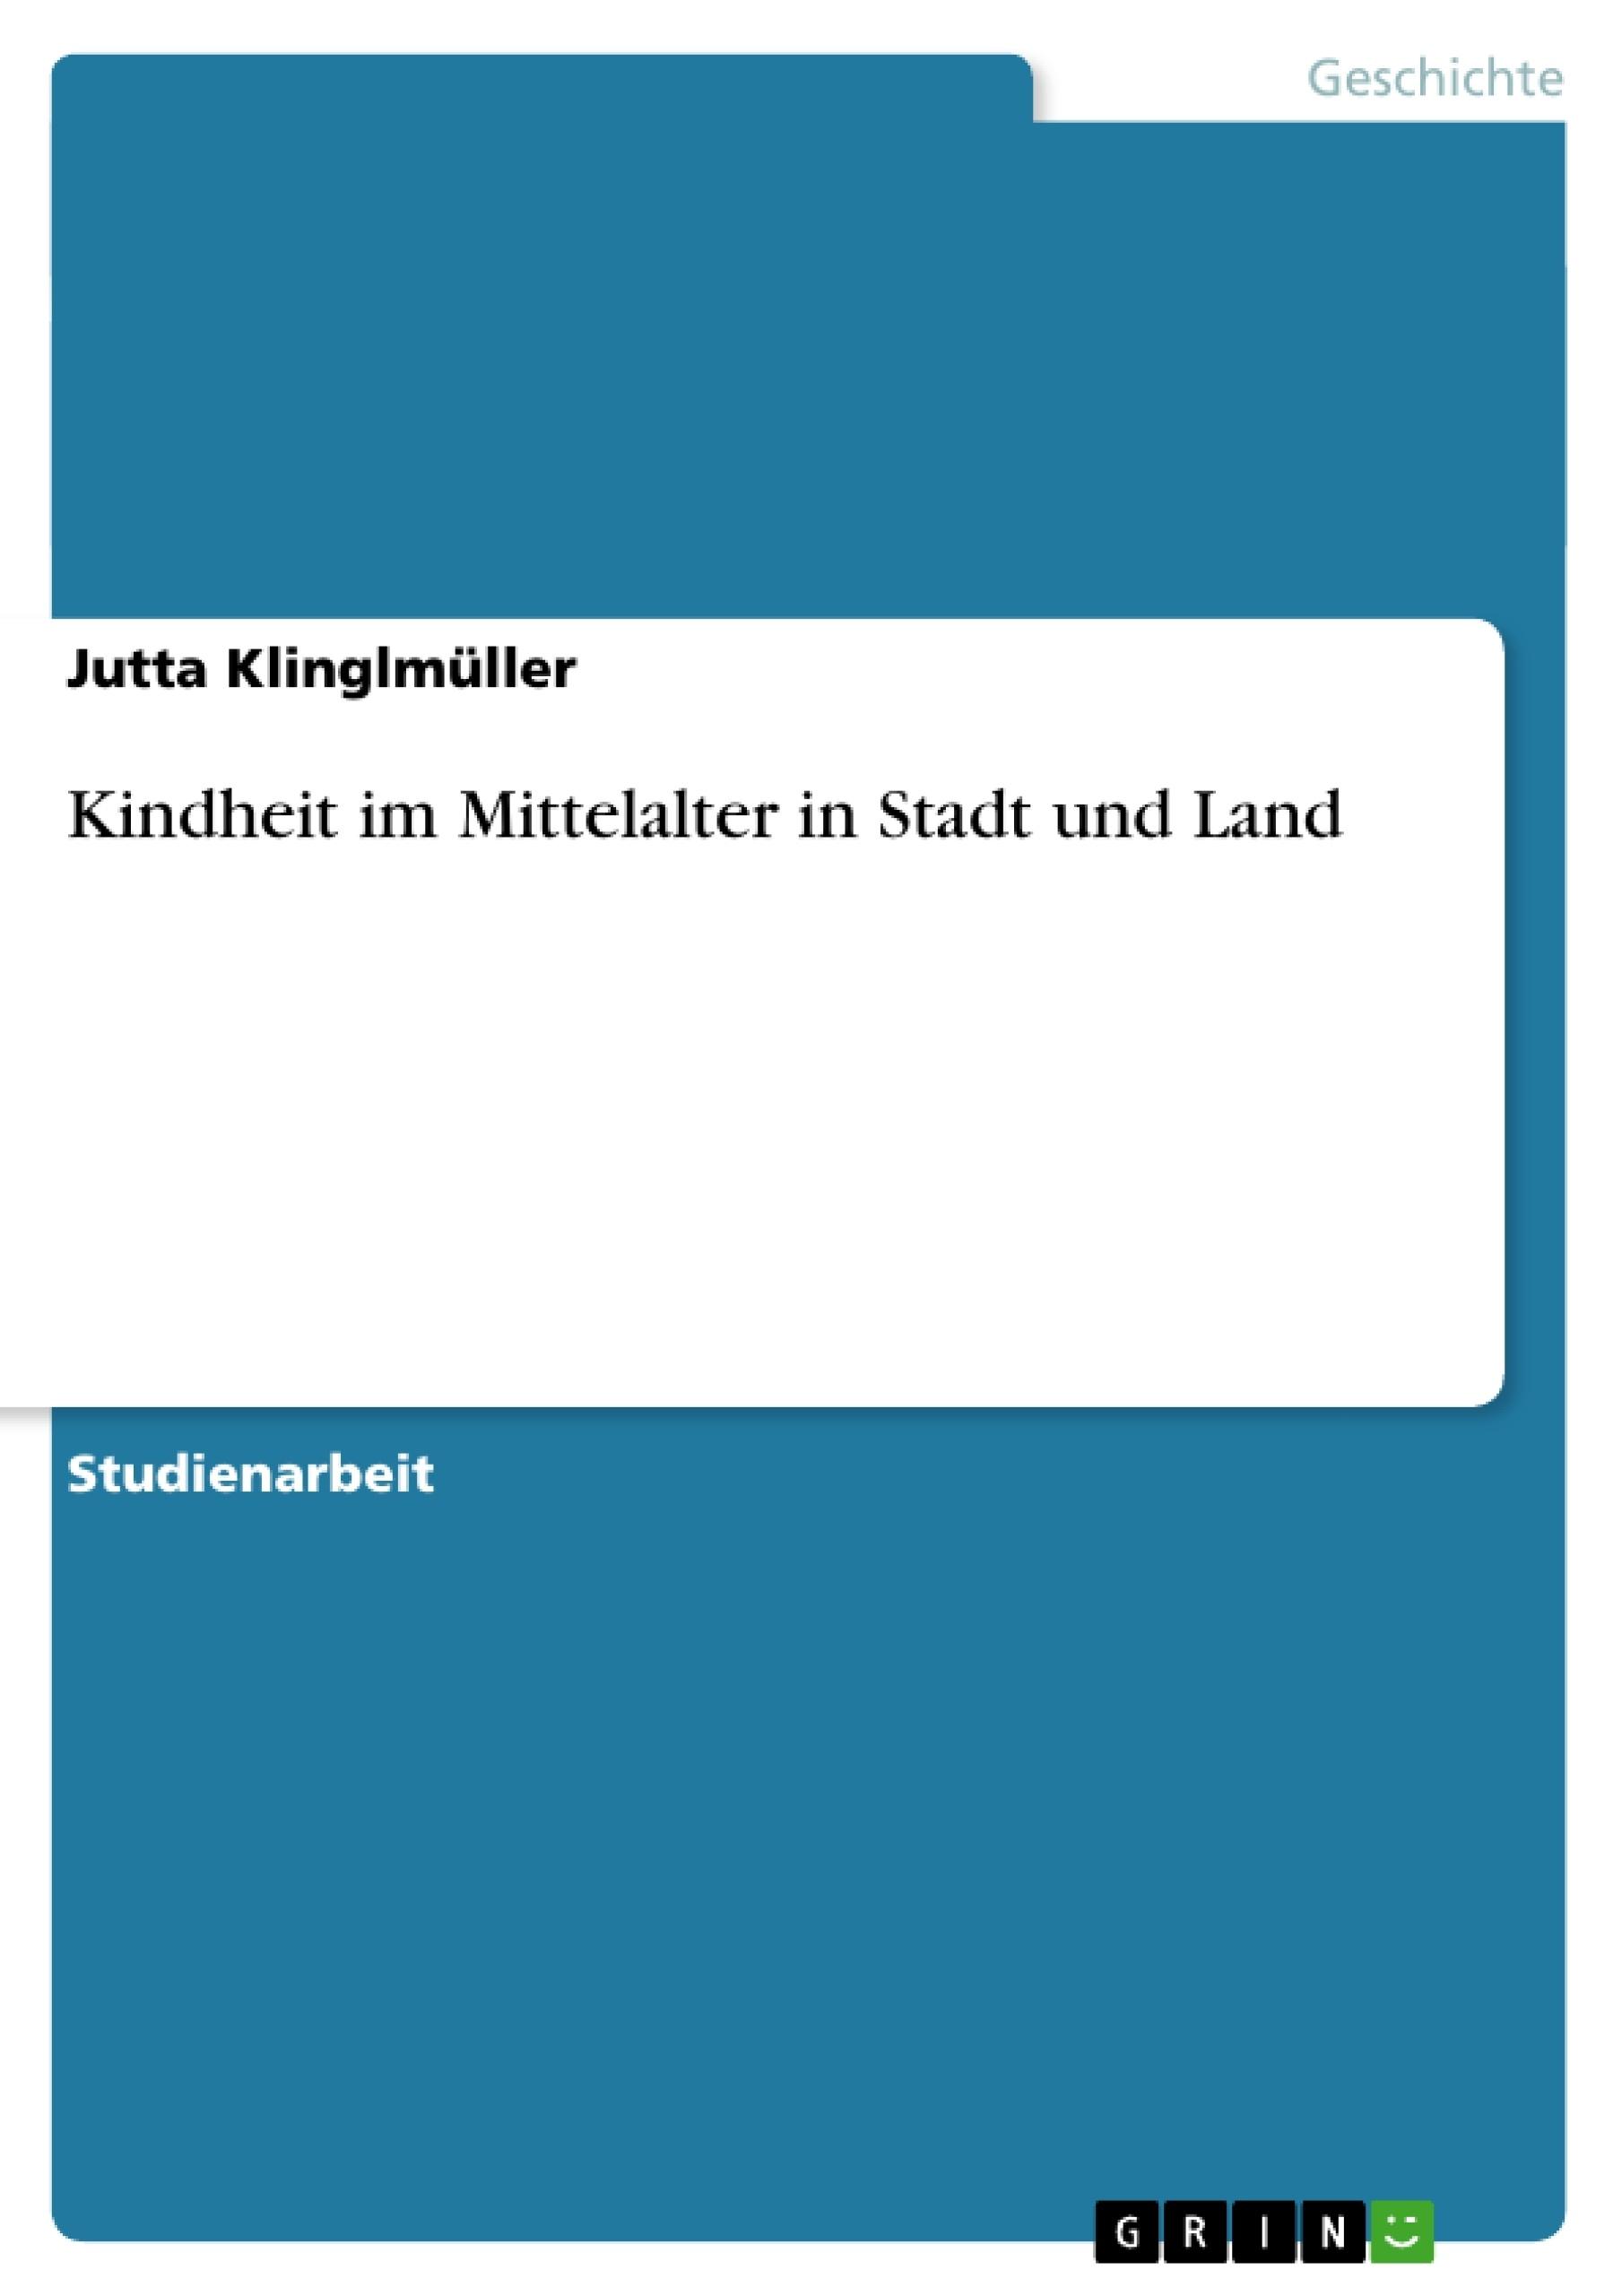 Titel: Kindheit im Mittelalter in Stadt und Land